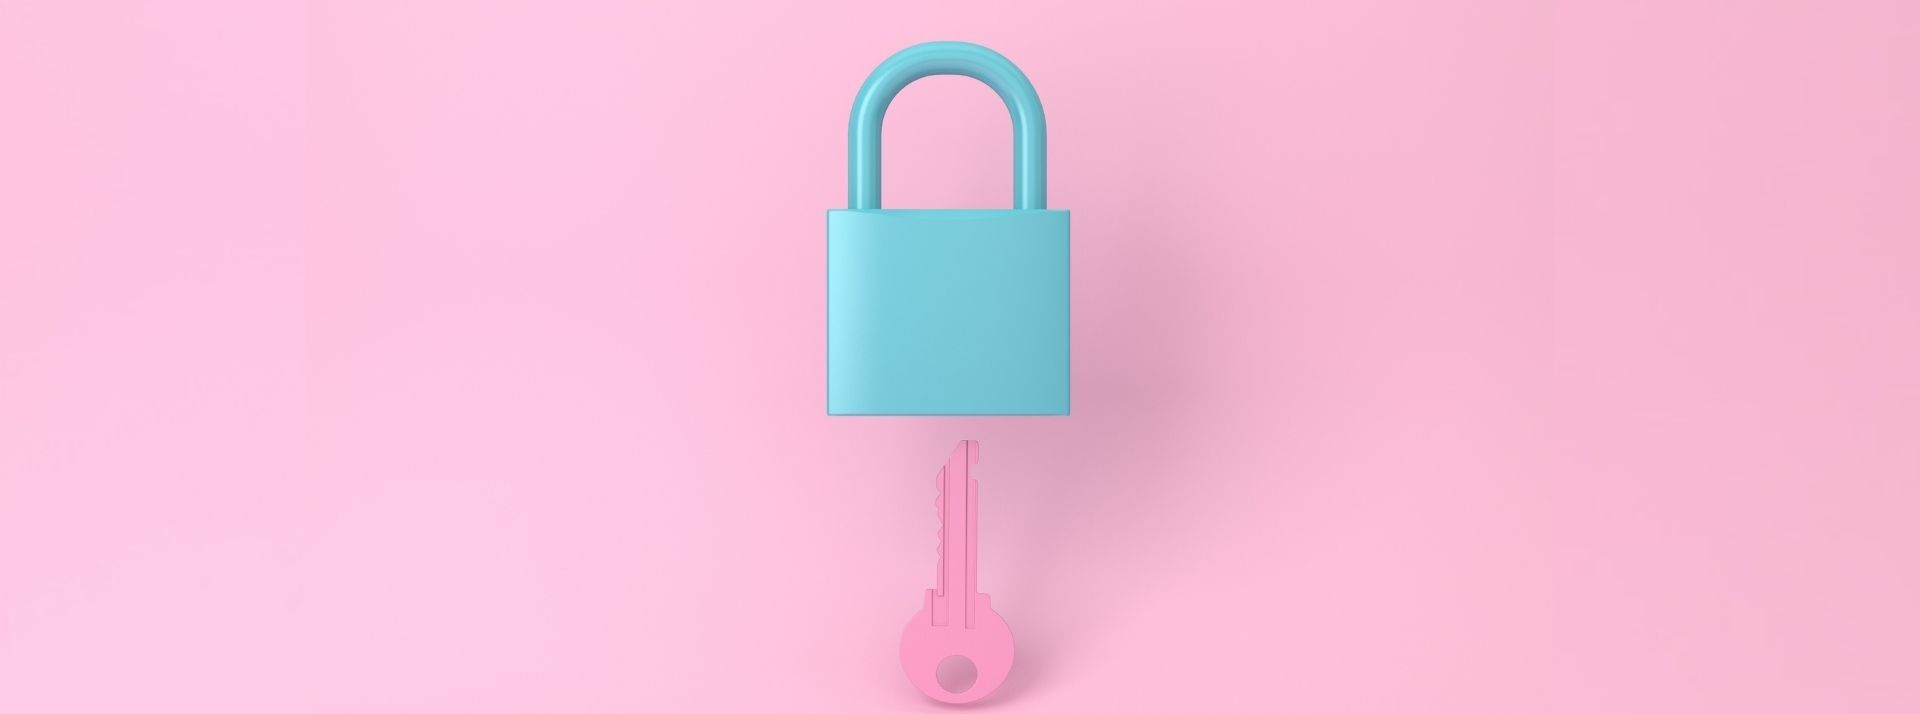 Sabrina-Feddal-tendances-cybersecurite